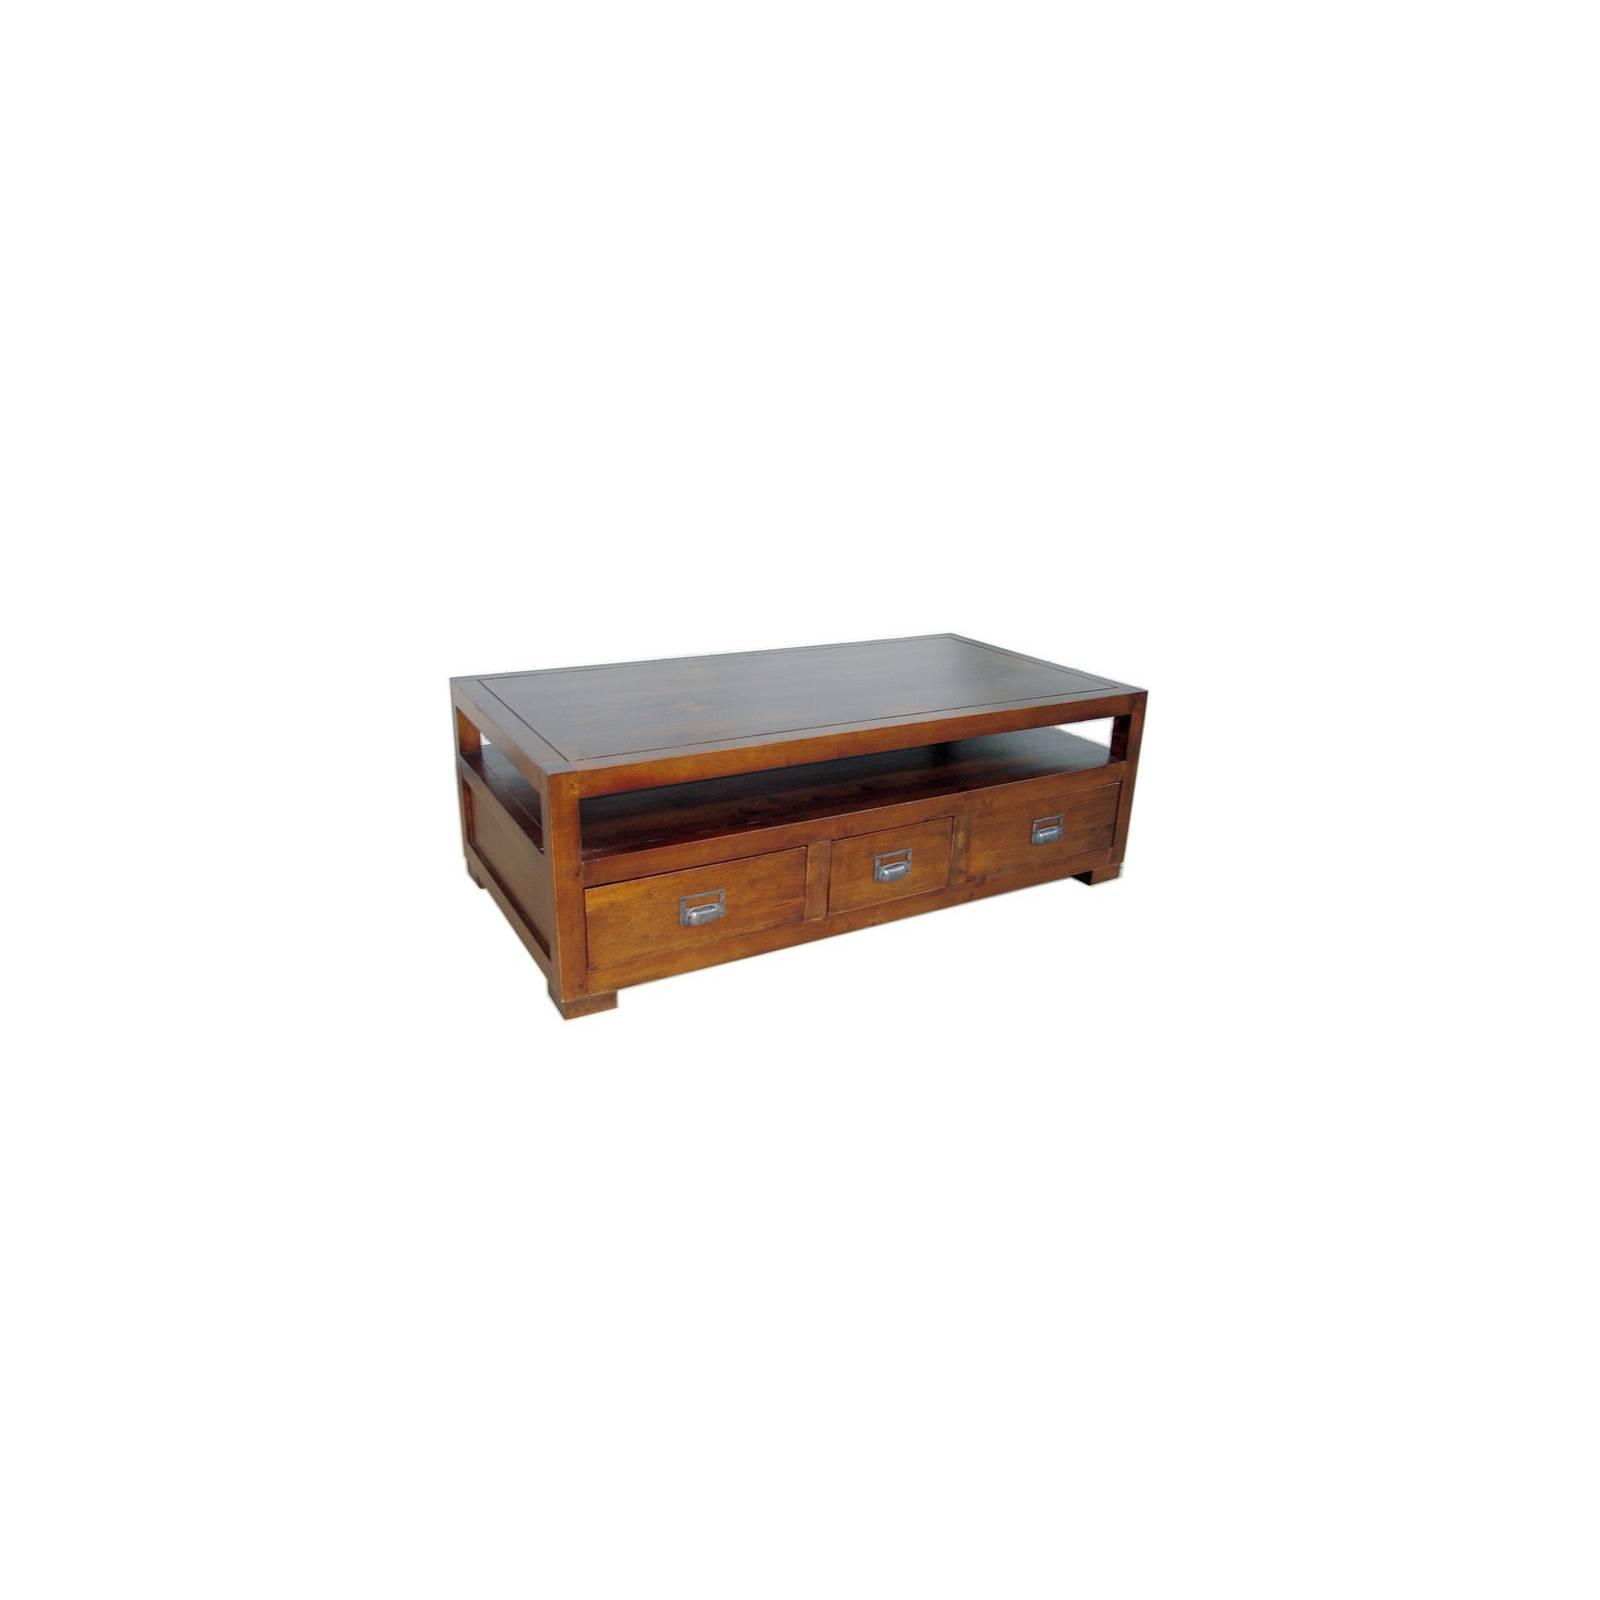 Table Basse Double Face Belle Epoque Hévéa - meuble style classique